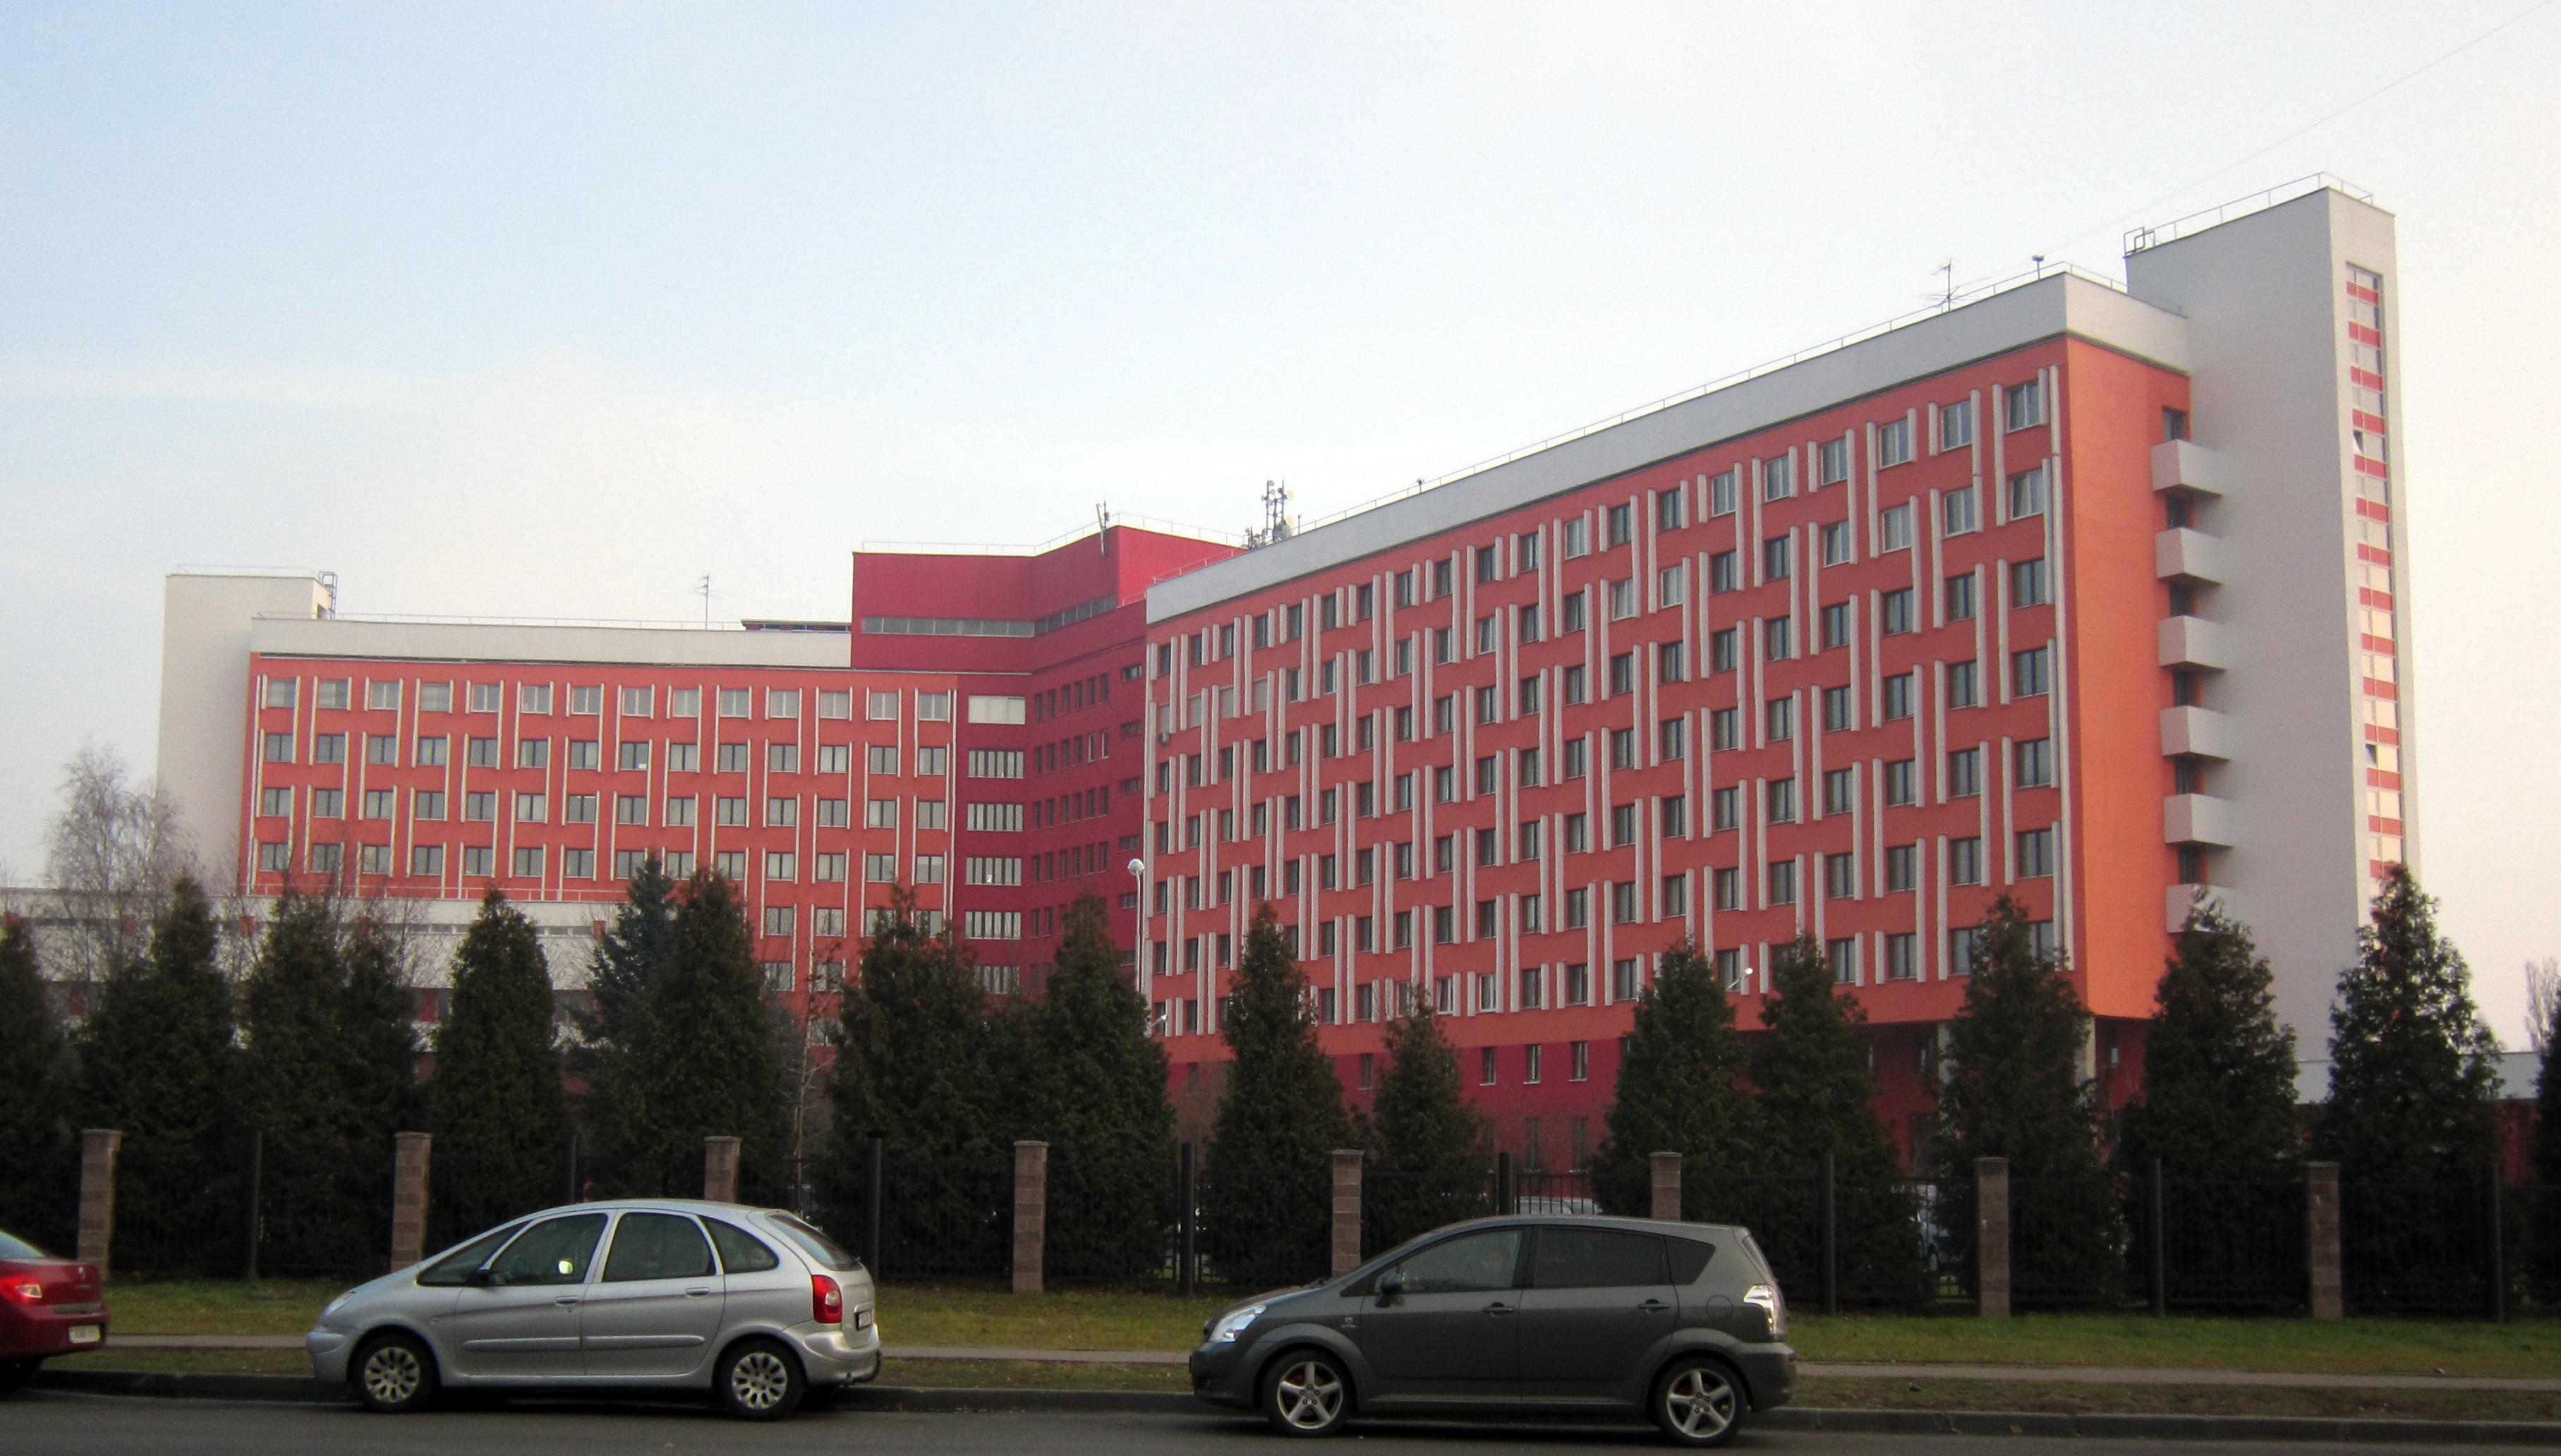 Dağ turizm köyü Esto-Sadok Krasnaya Polyana (Soçi): oteller, eğlence ve turistik 60